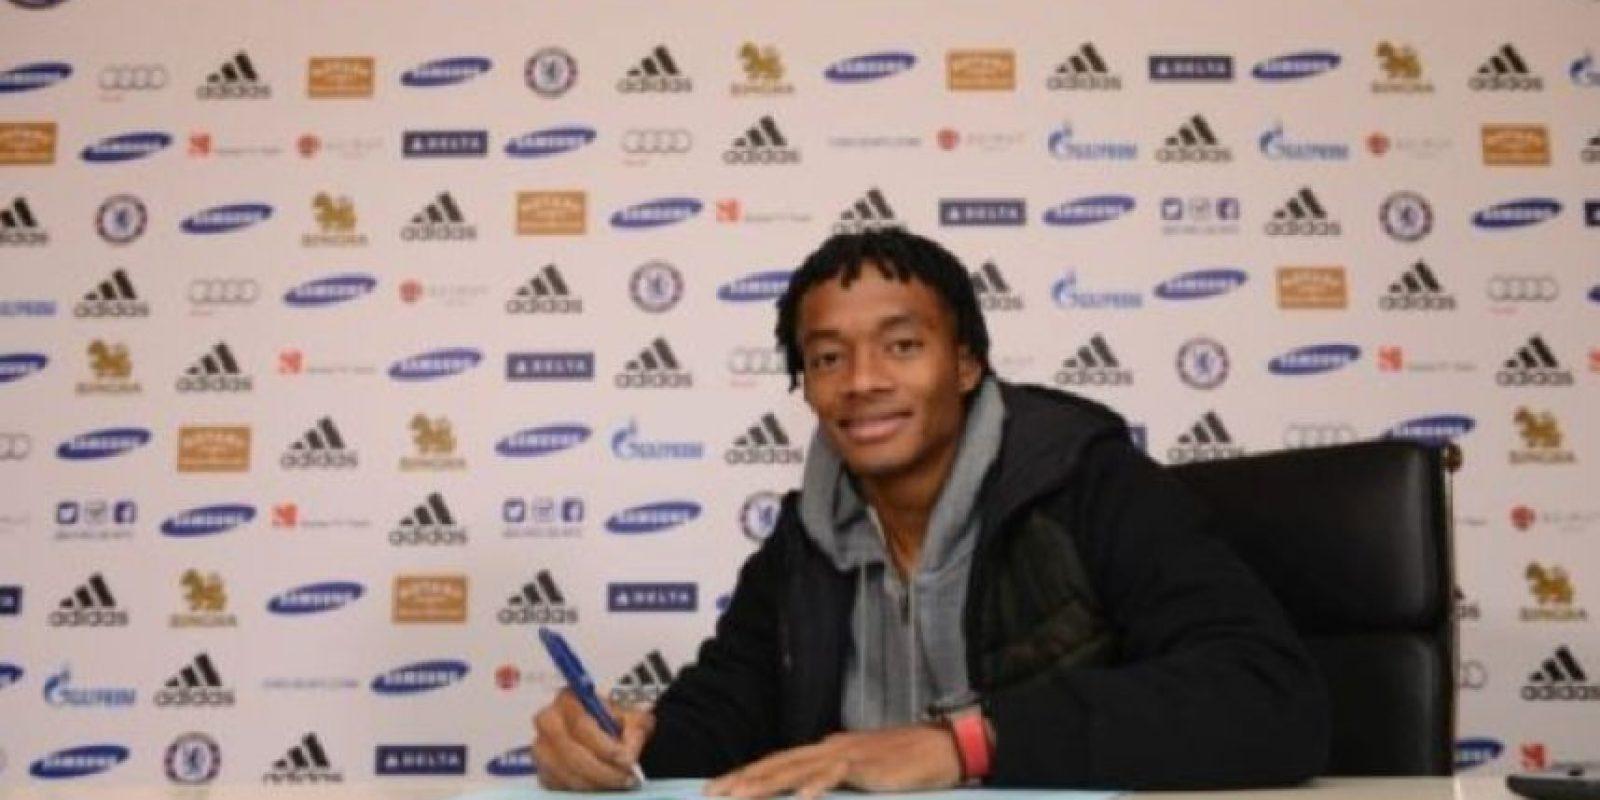 Foto:Cortesía página oficial de Chelsea FC